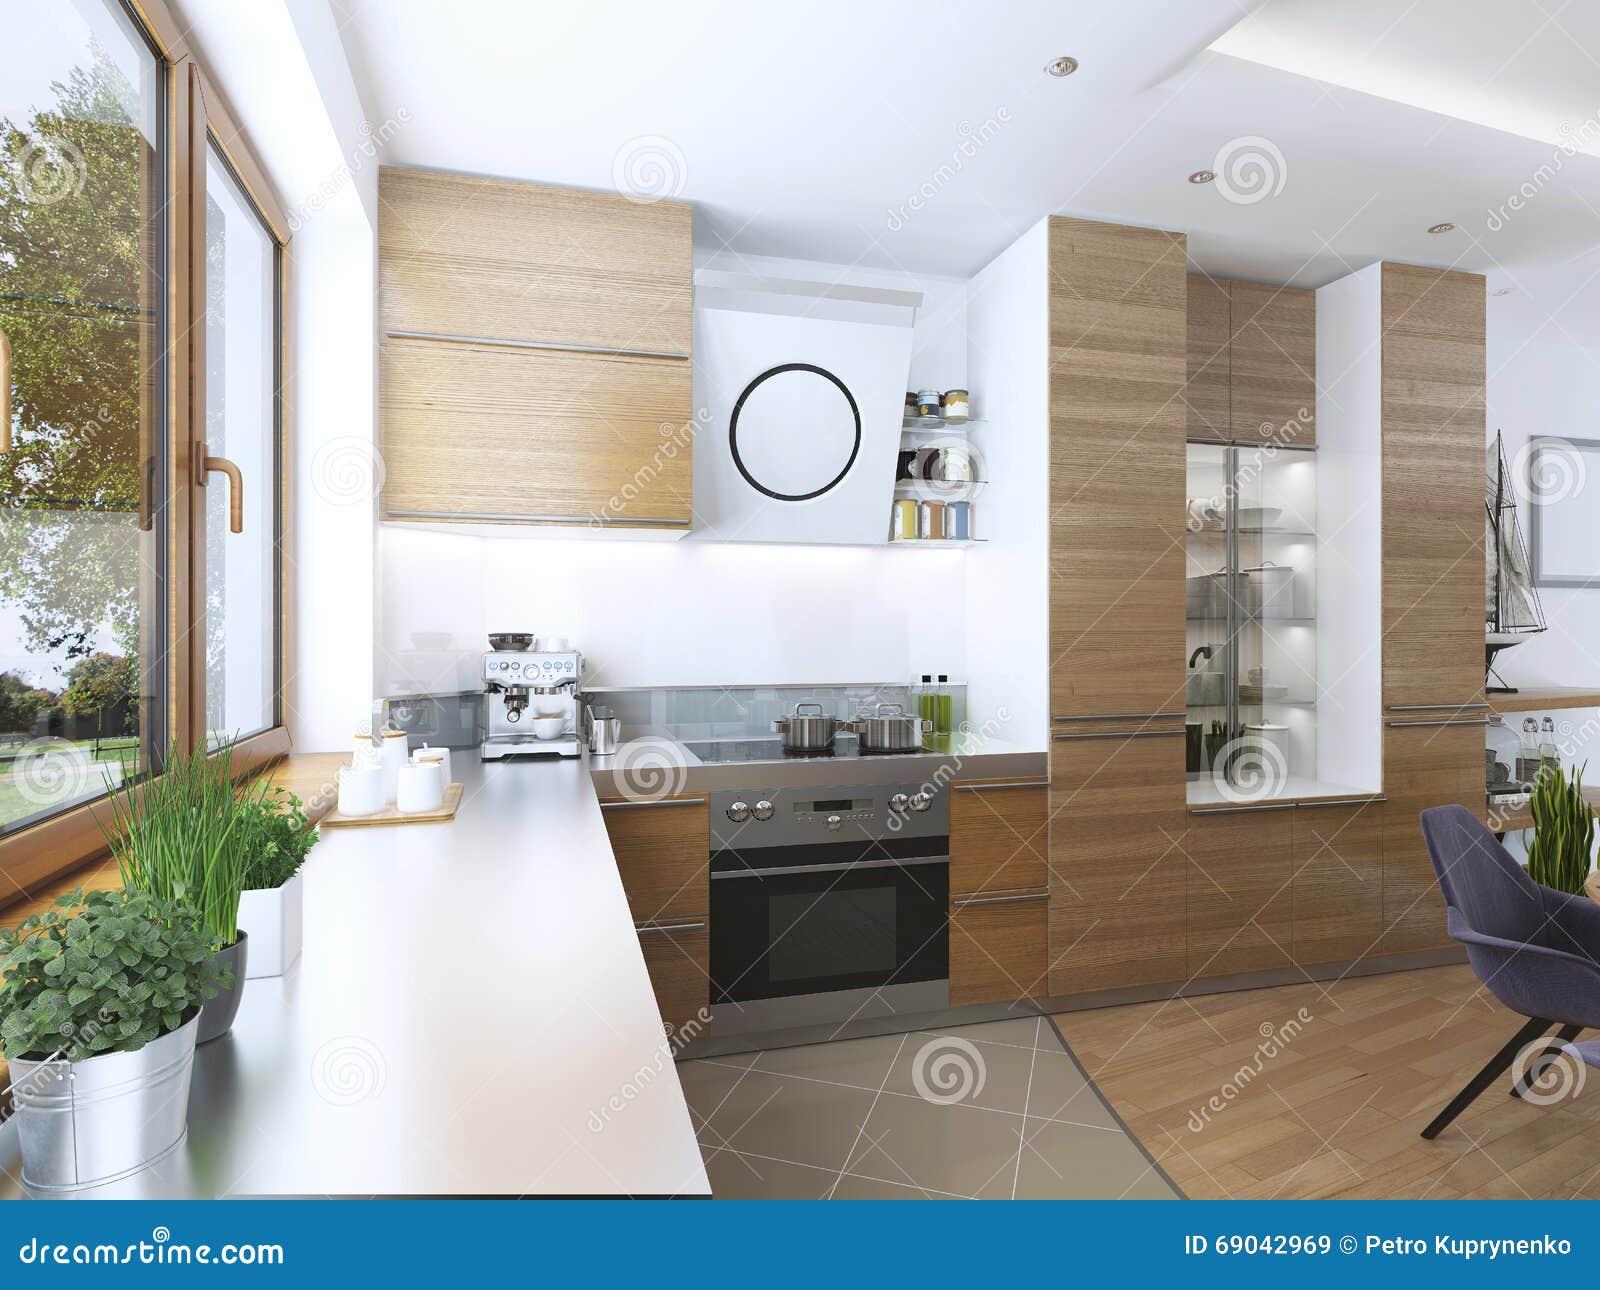 Cuisine Moderne Dans Le Style Contemporain De Salle A Manger Image